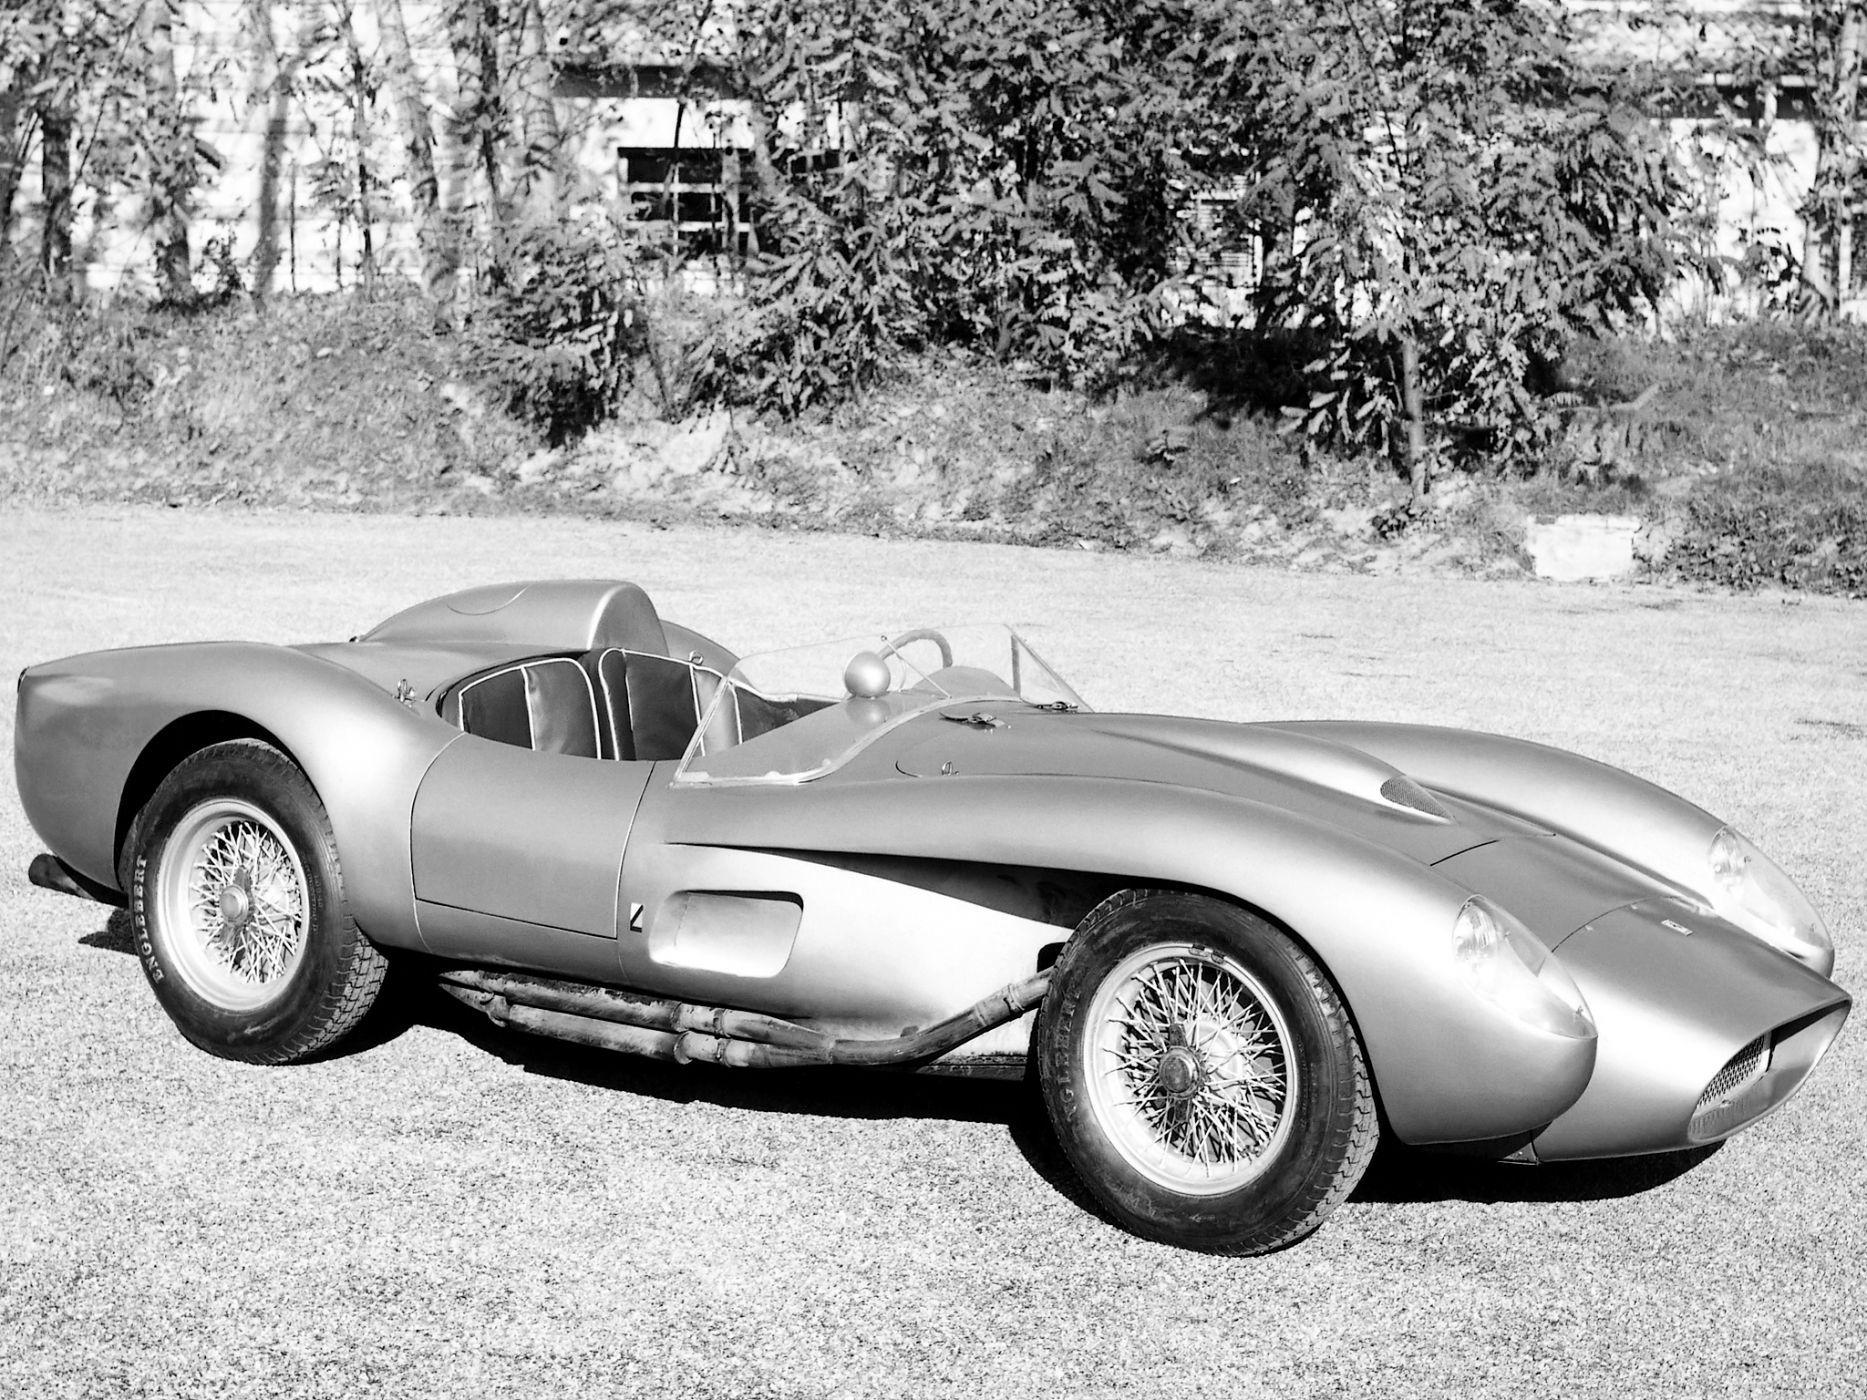 1957 Ferrari 250 Testa Rossa Scaglietti Spyder Supercar Retro Race